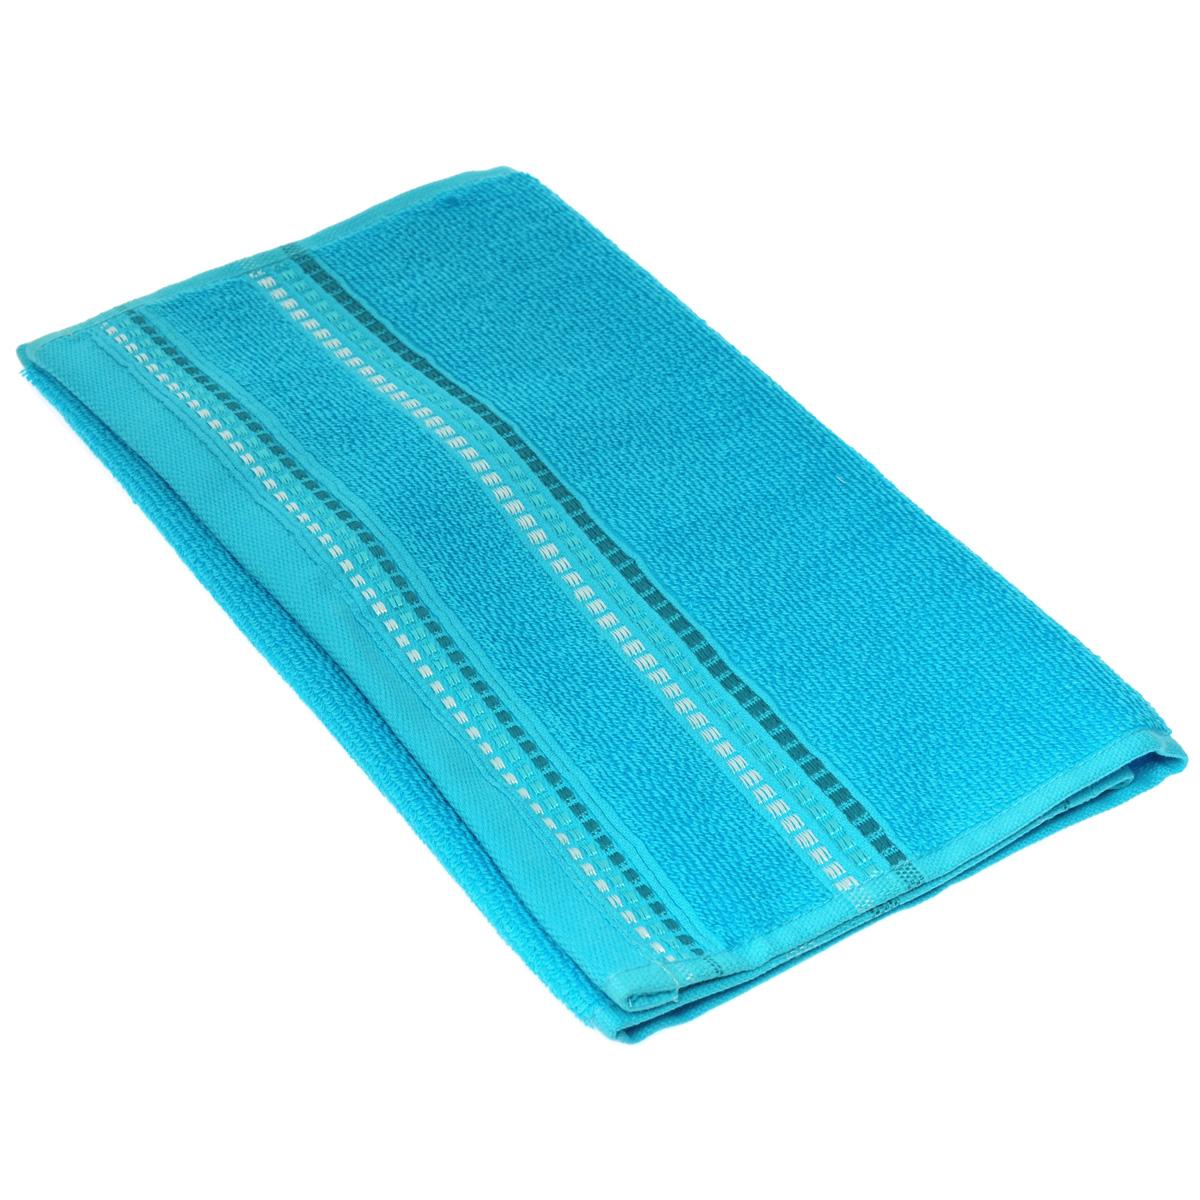 Полотенце махровое Coronet Пиано, цвет: бирюзовый, 30 х 50 см12723Махровое полотенце Coronet Пиано, изготовленное из натурального хлопка, подарит массу положительных эмоций и приятных ощущений. Полотенце отличается нежностью и мягкостью материала, утонченным дизайном и превосходным качеством. Оно прекрасно впитывает влагу, быстро сохнет и не теряет своих свойств после многократных стирок. Махровое полотенце Coronet Пиано станет достойным выбором для вас и приятным подарком для ваших близких. Мягкость и высокое качество материала, из которого изготовлены полотенца не оставит вас равнодушными.